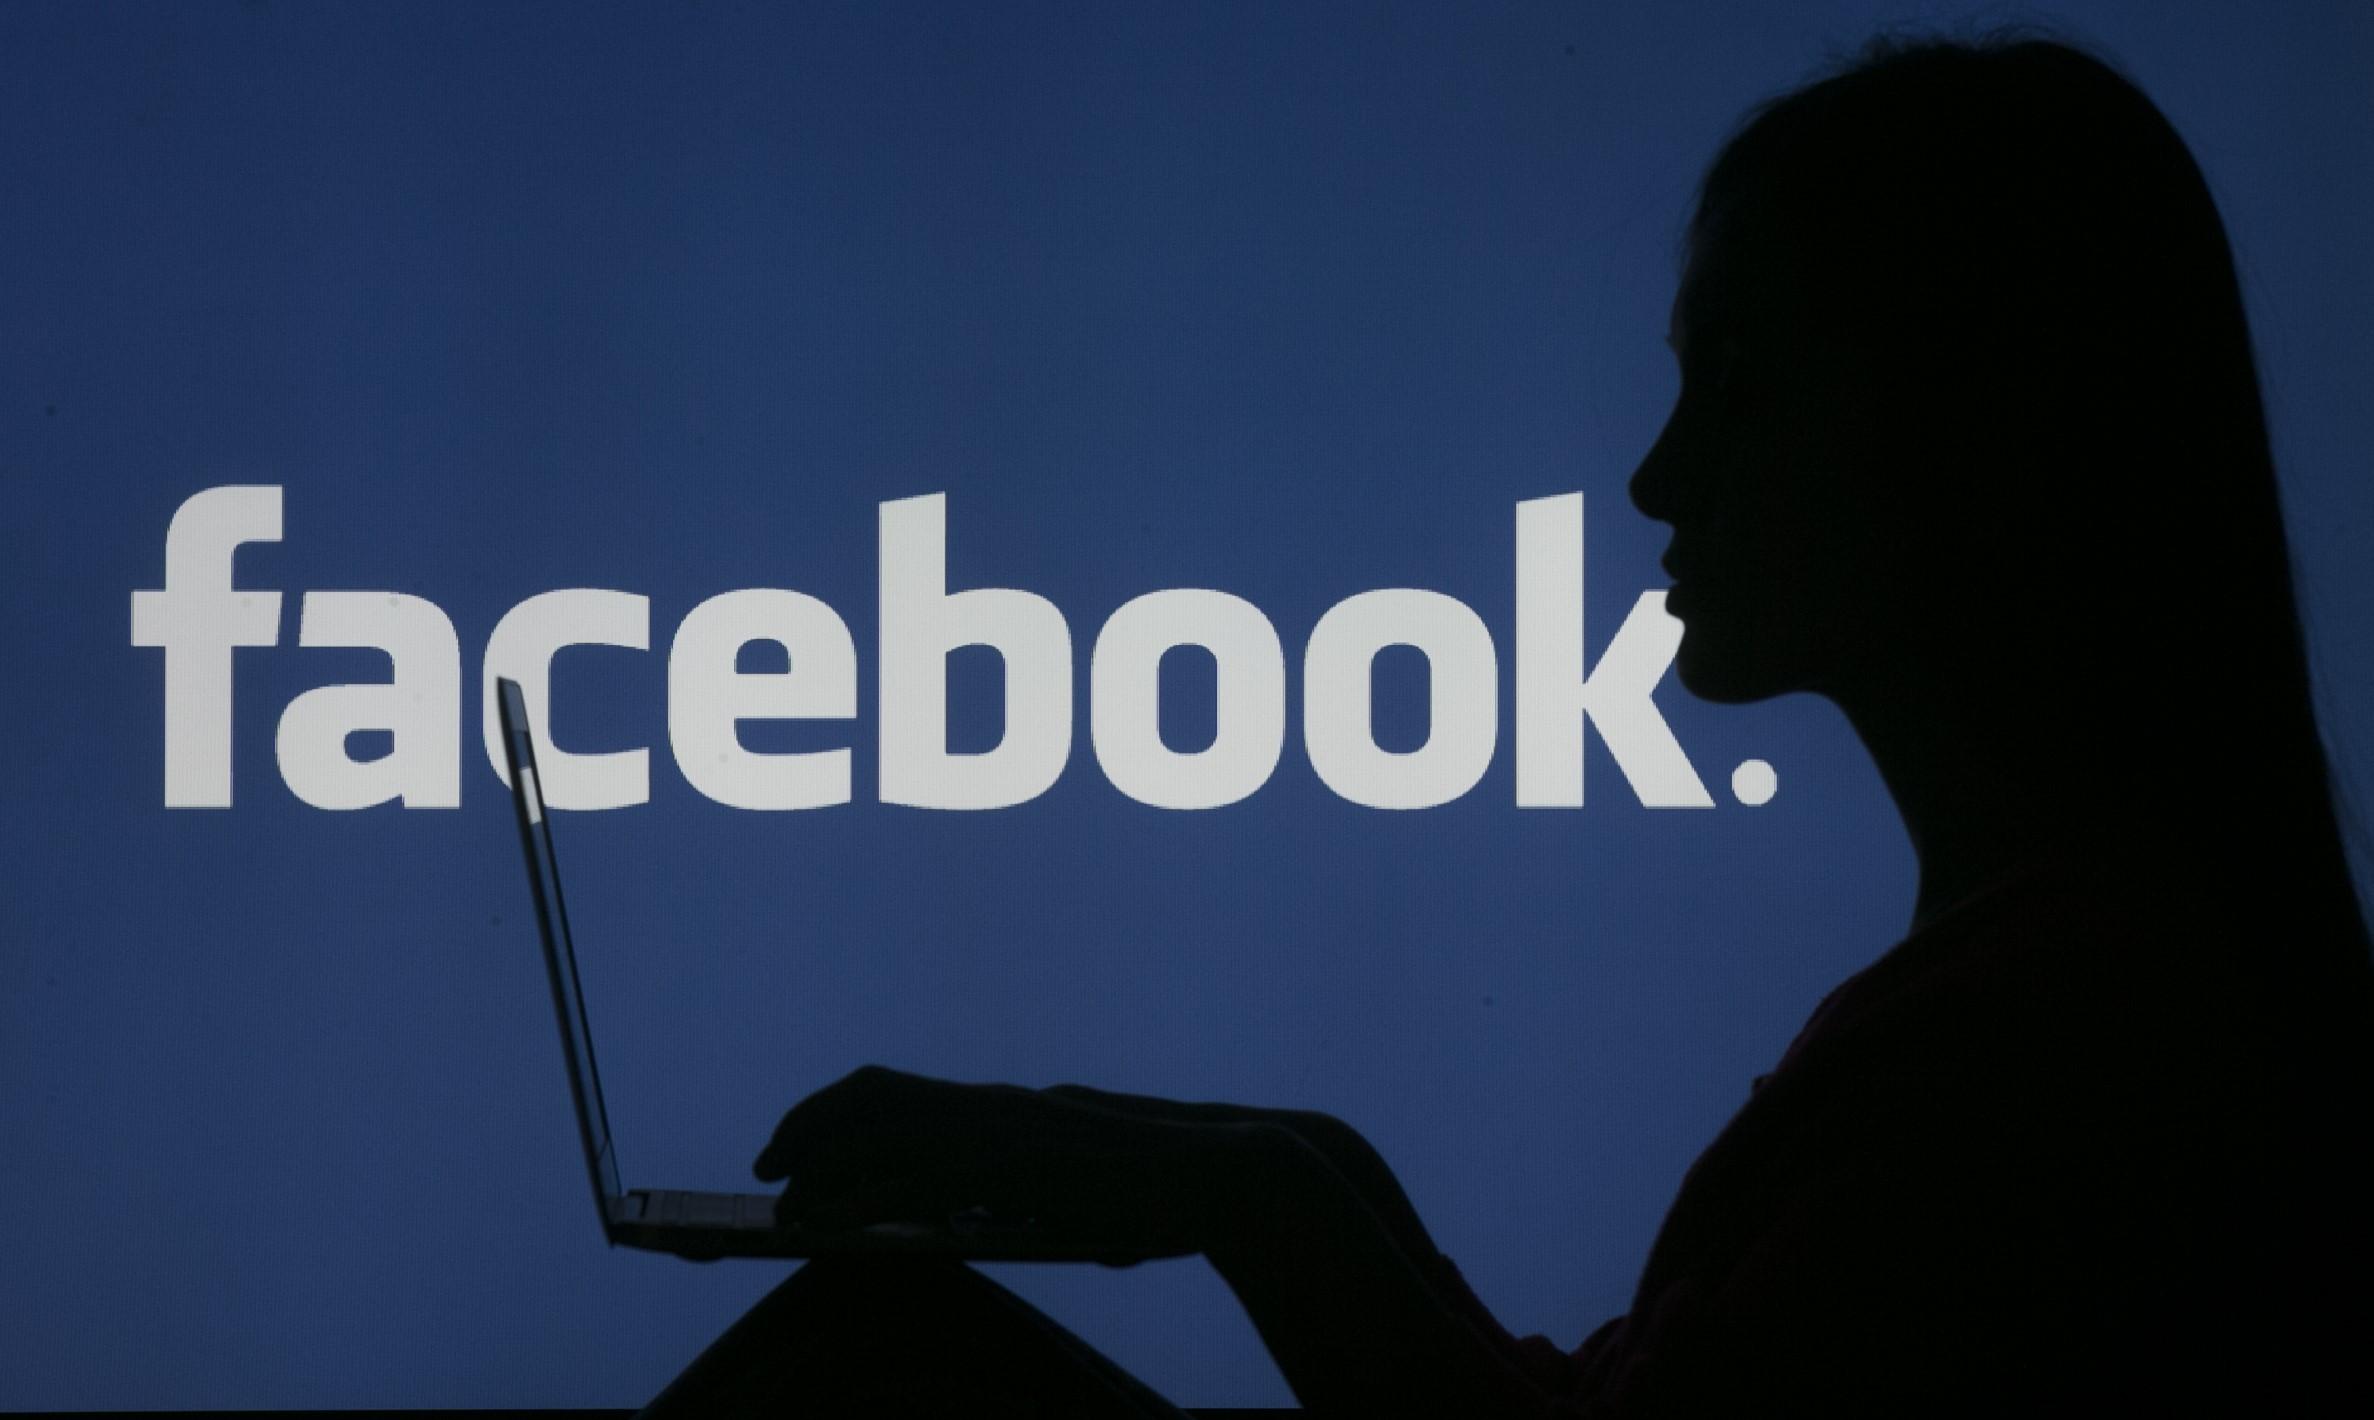 Az indiai kormány szabályozni fogja a Netflixen és a Facebookon megjelenő tartalmakat